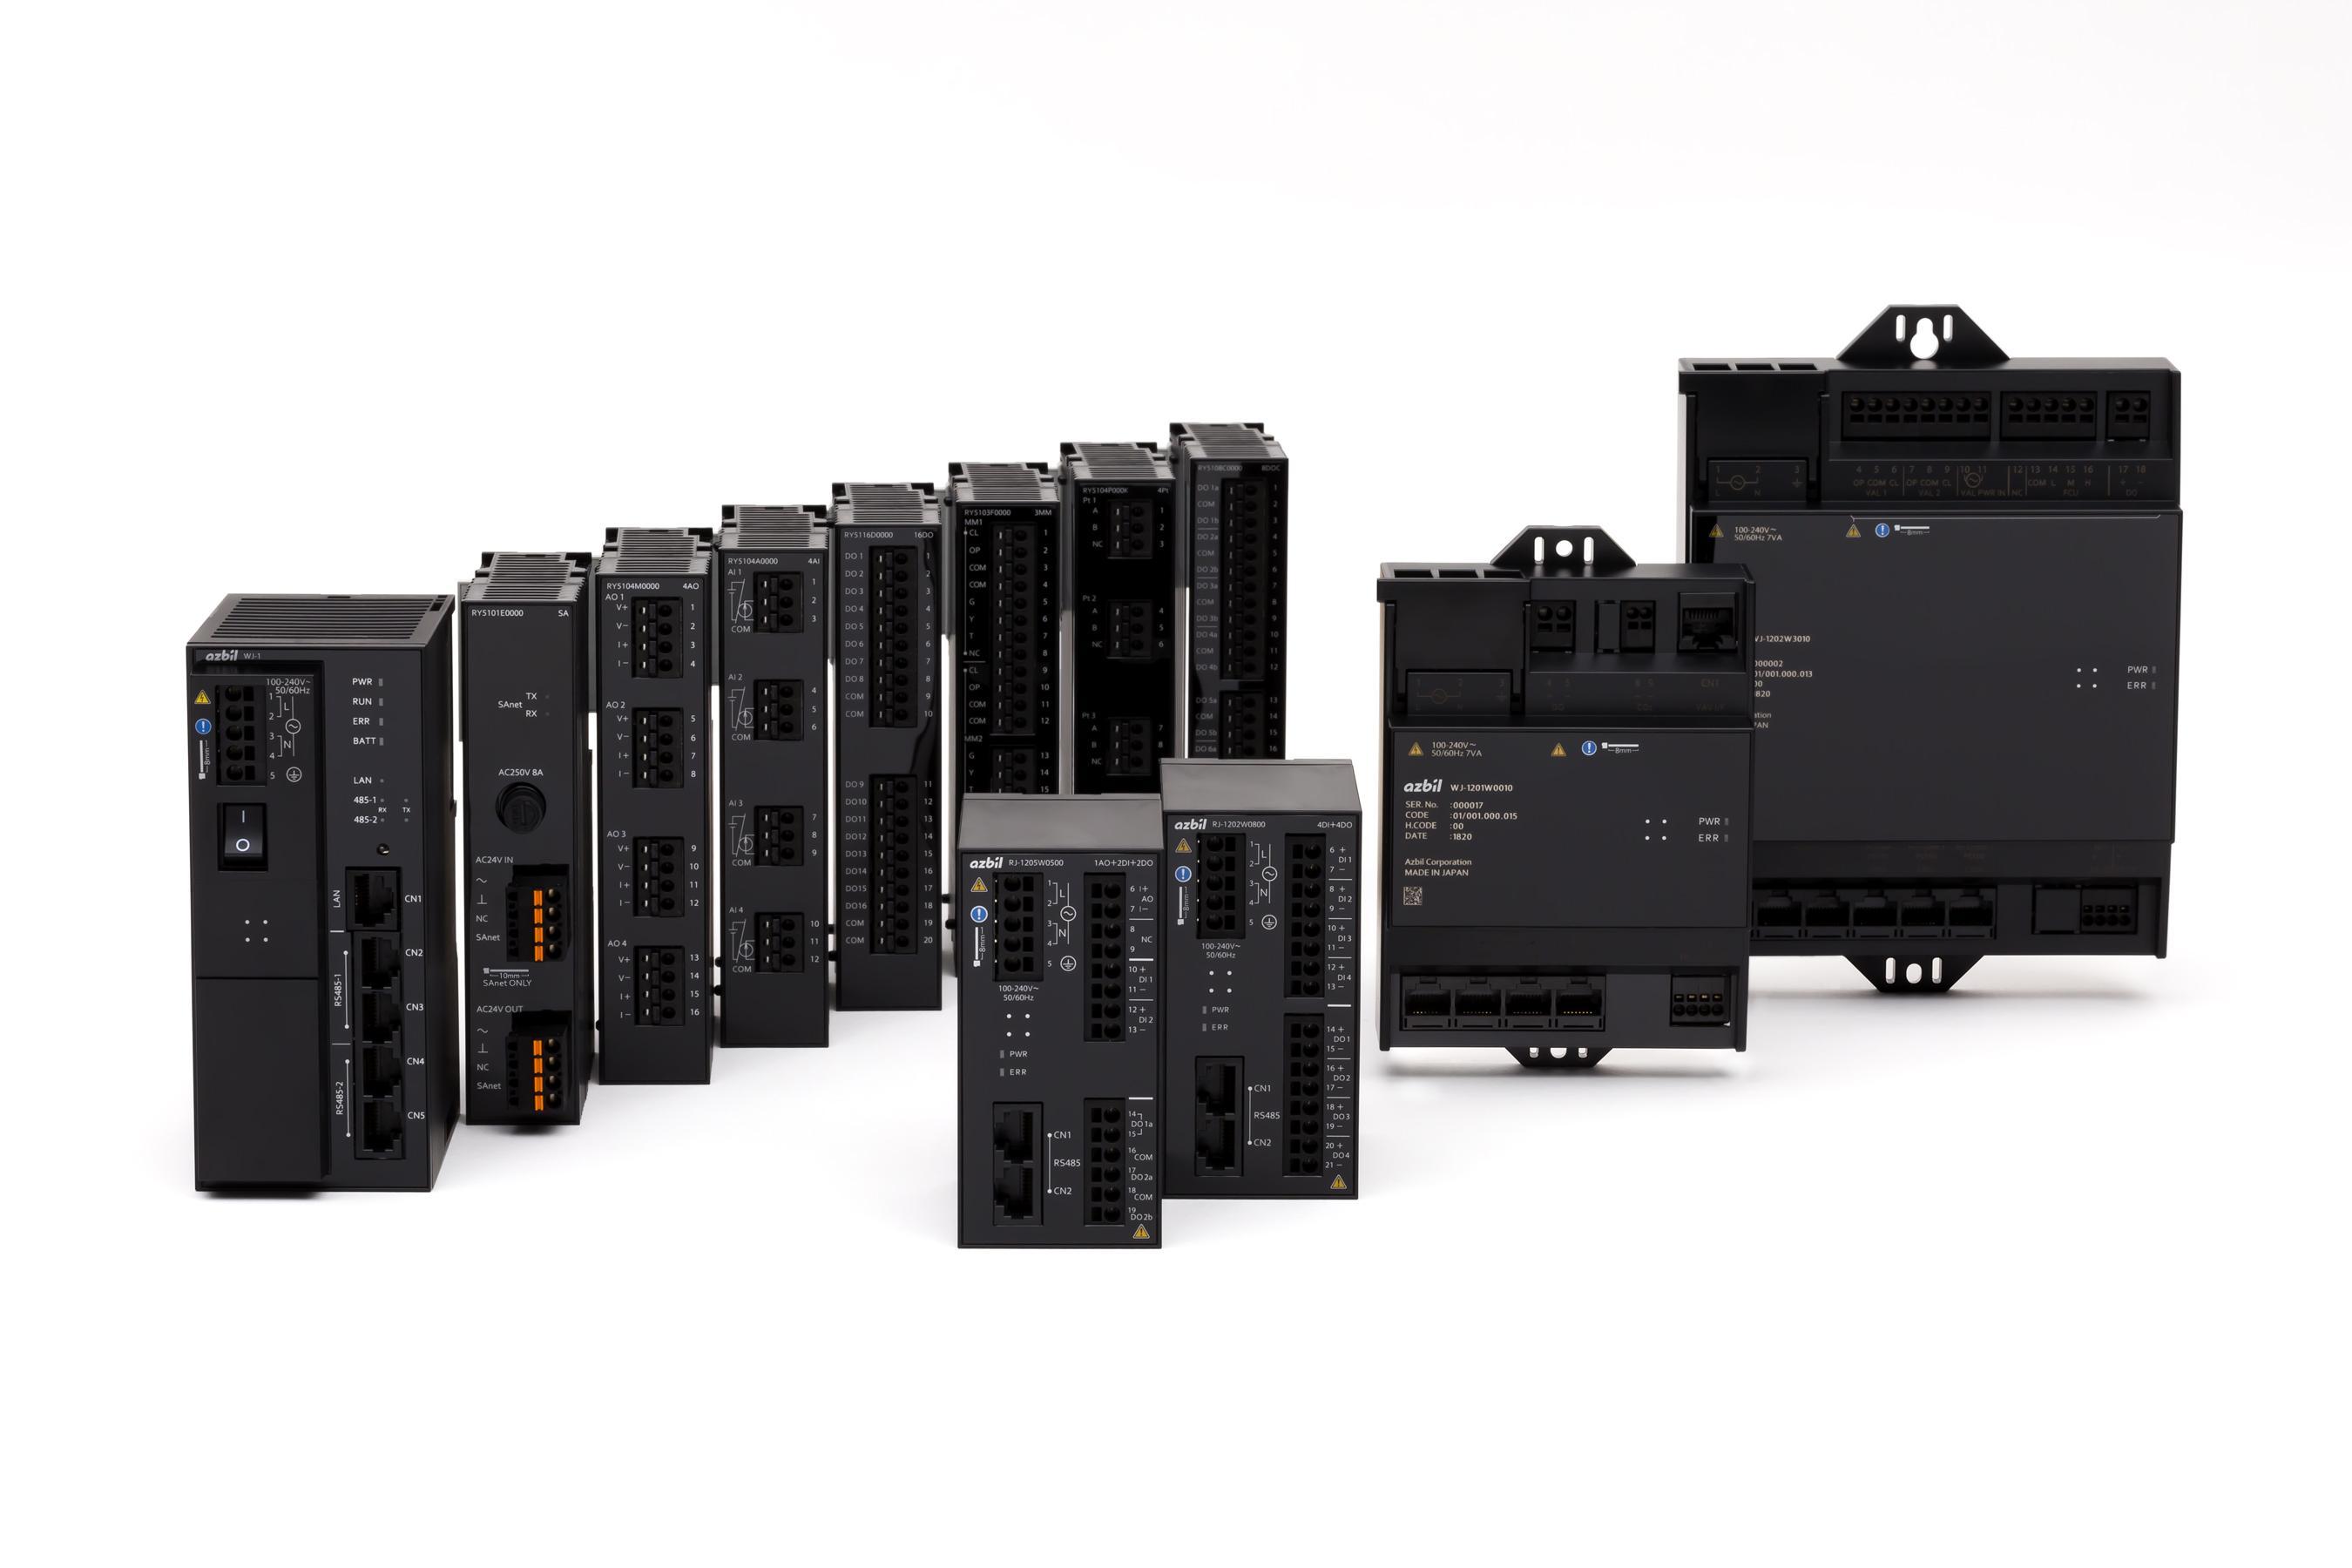 BAシステムsavic-netG5用コントローラ・ I/Oモジュール製品